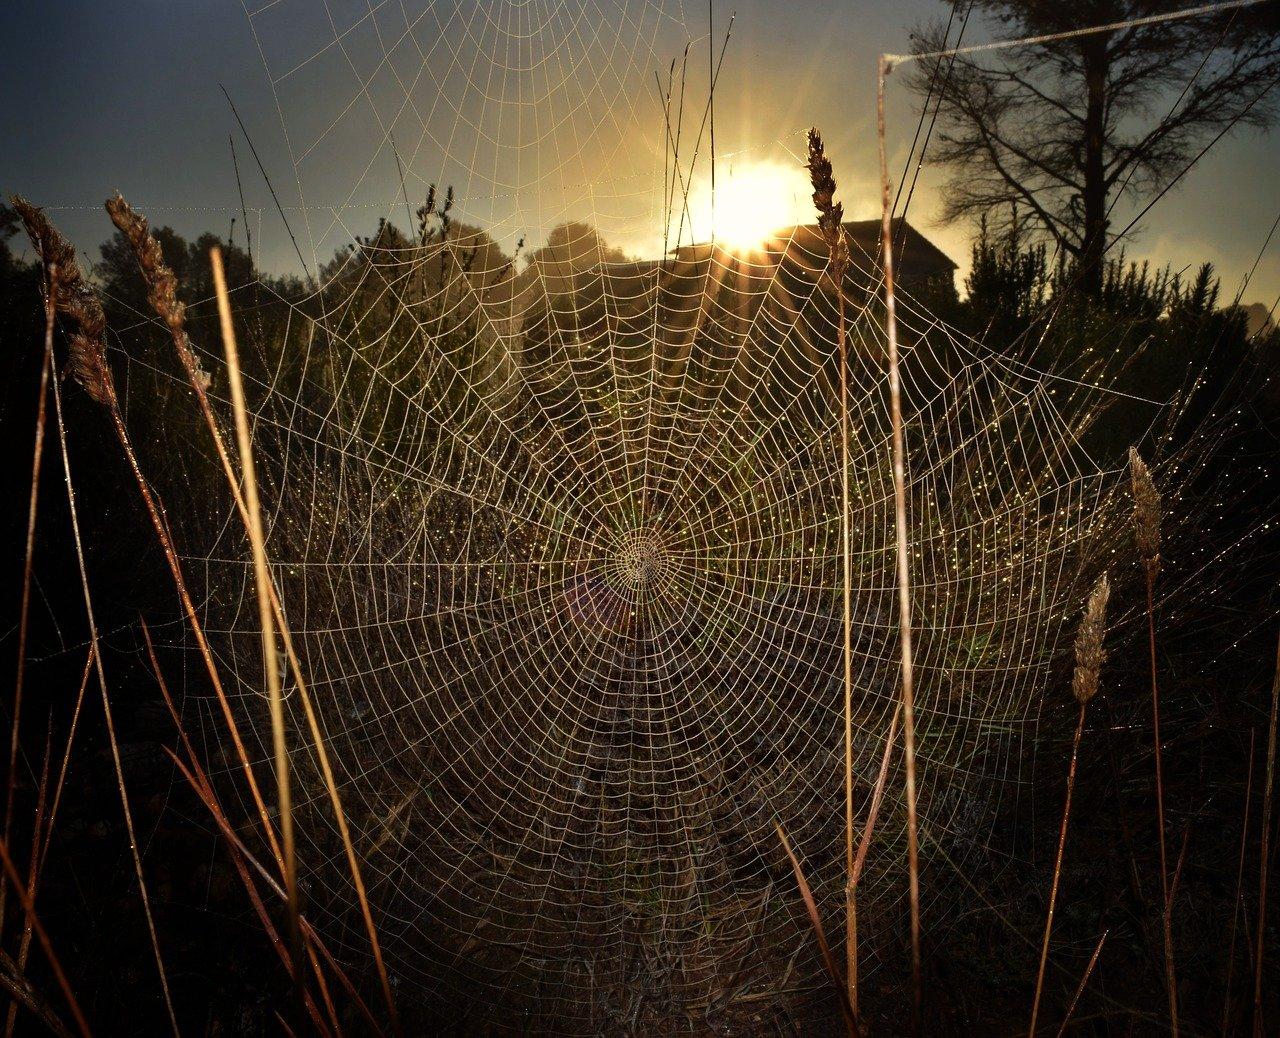 Spiderweb spider trap intricacy